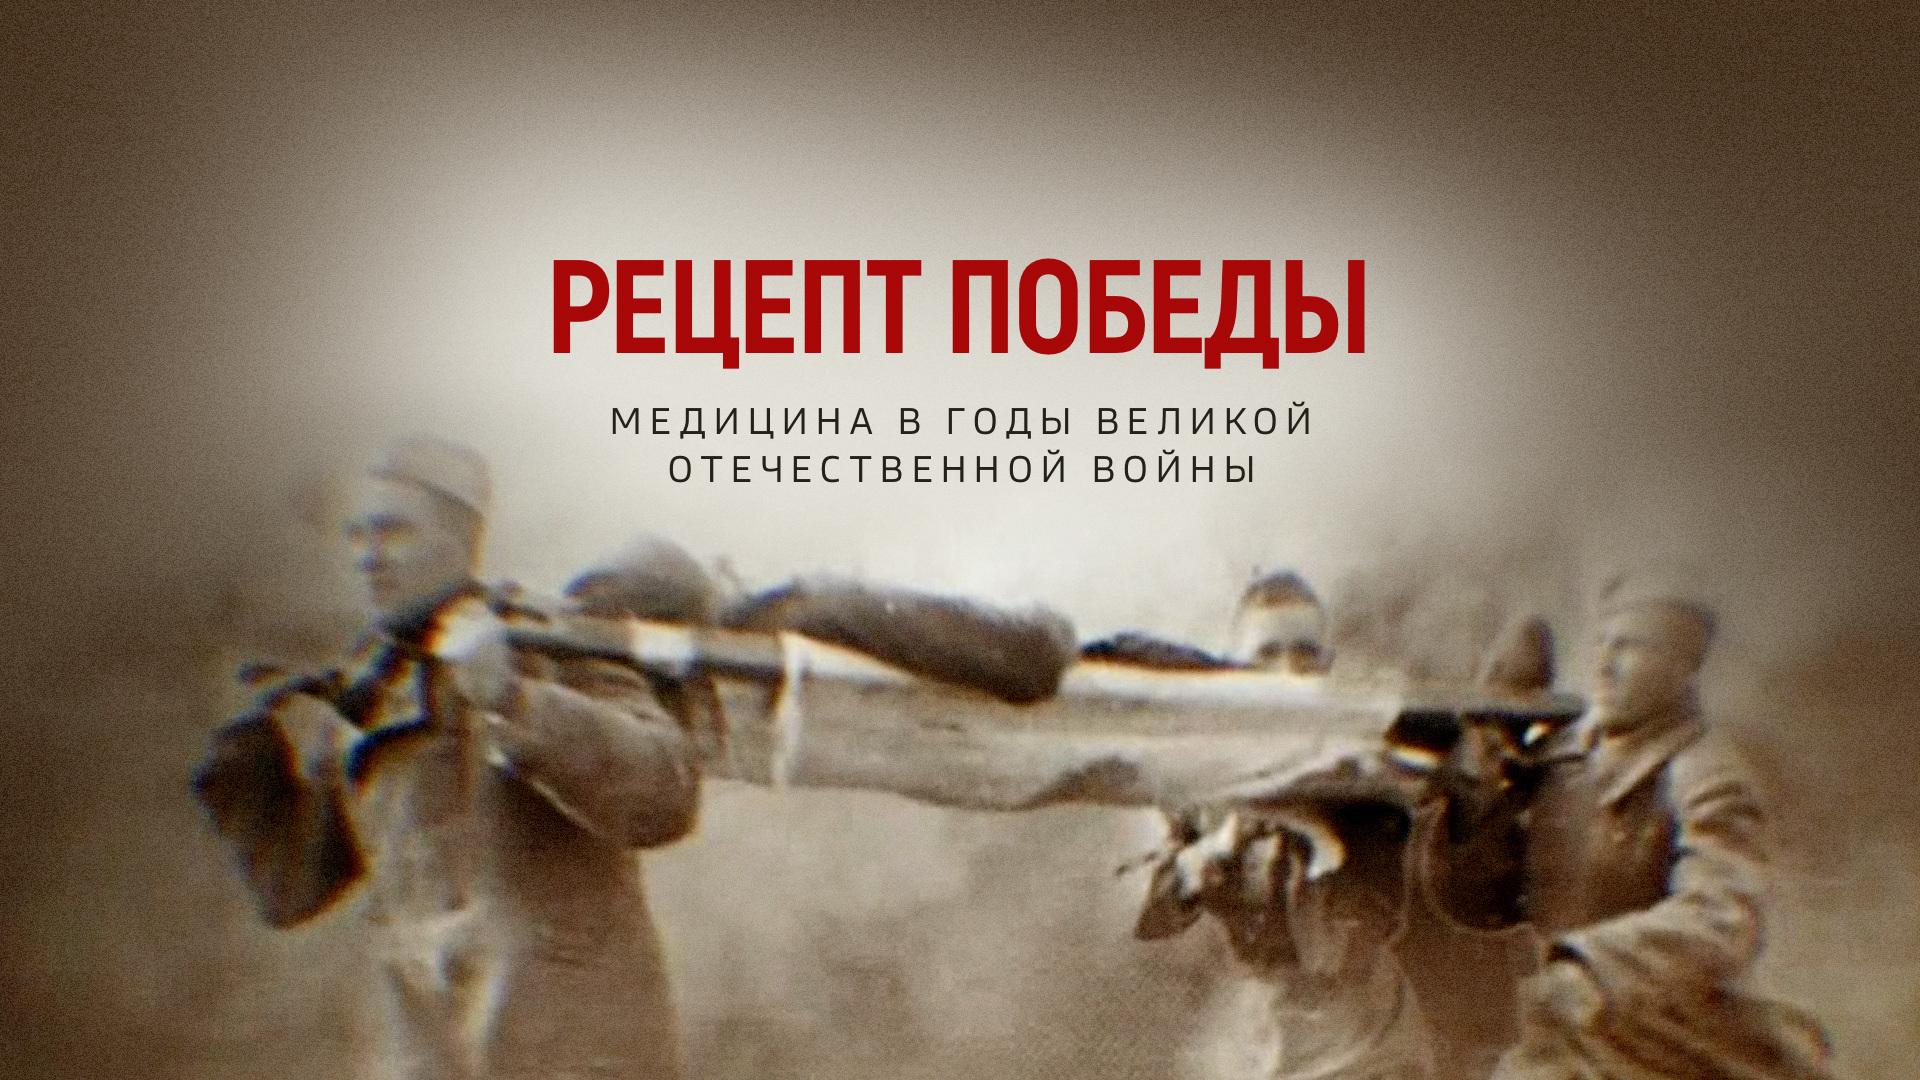 Рецепт Победы. Медицина в годы Великой Отечественной войны